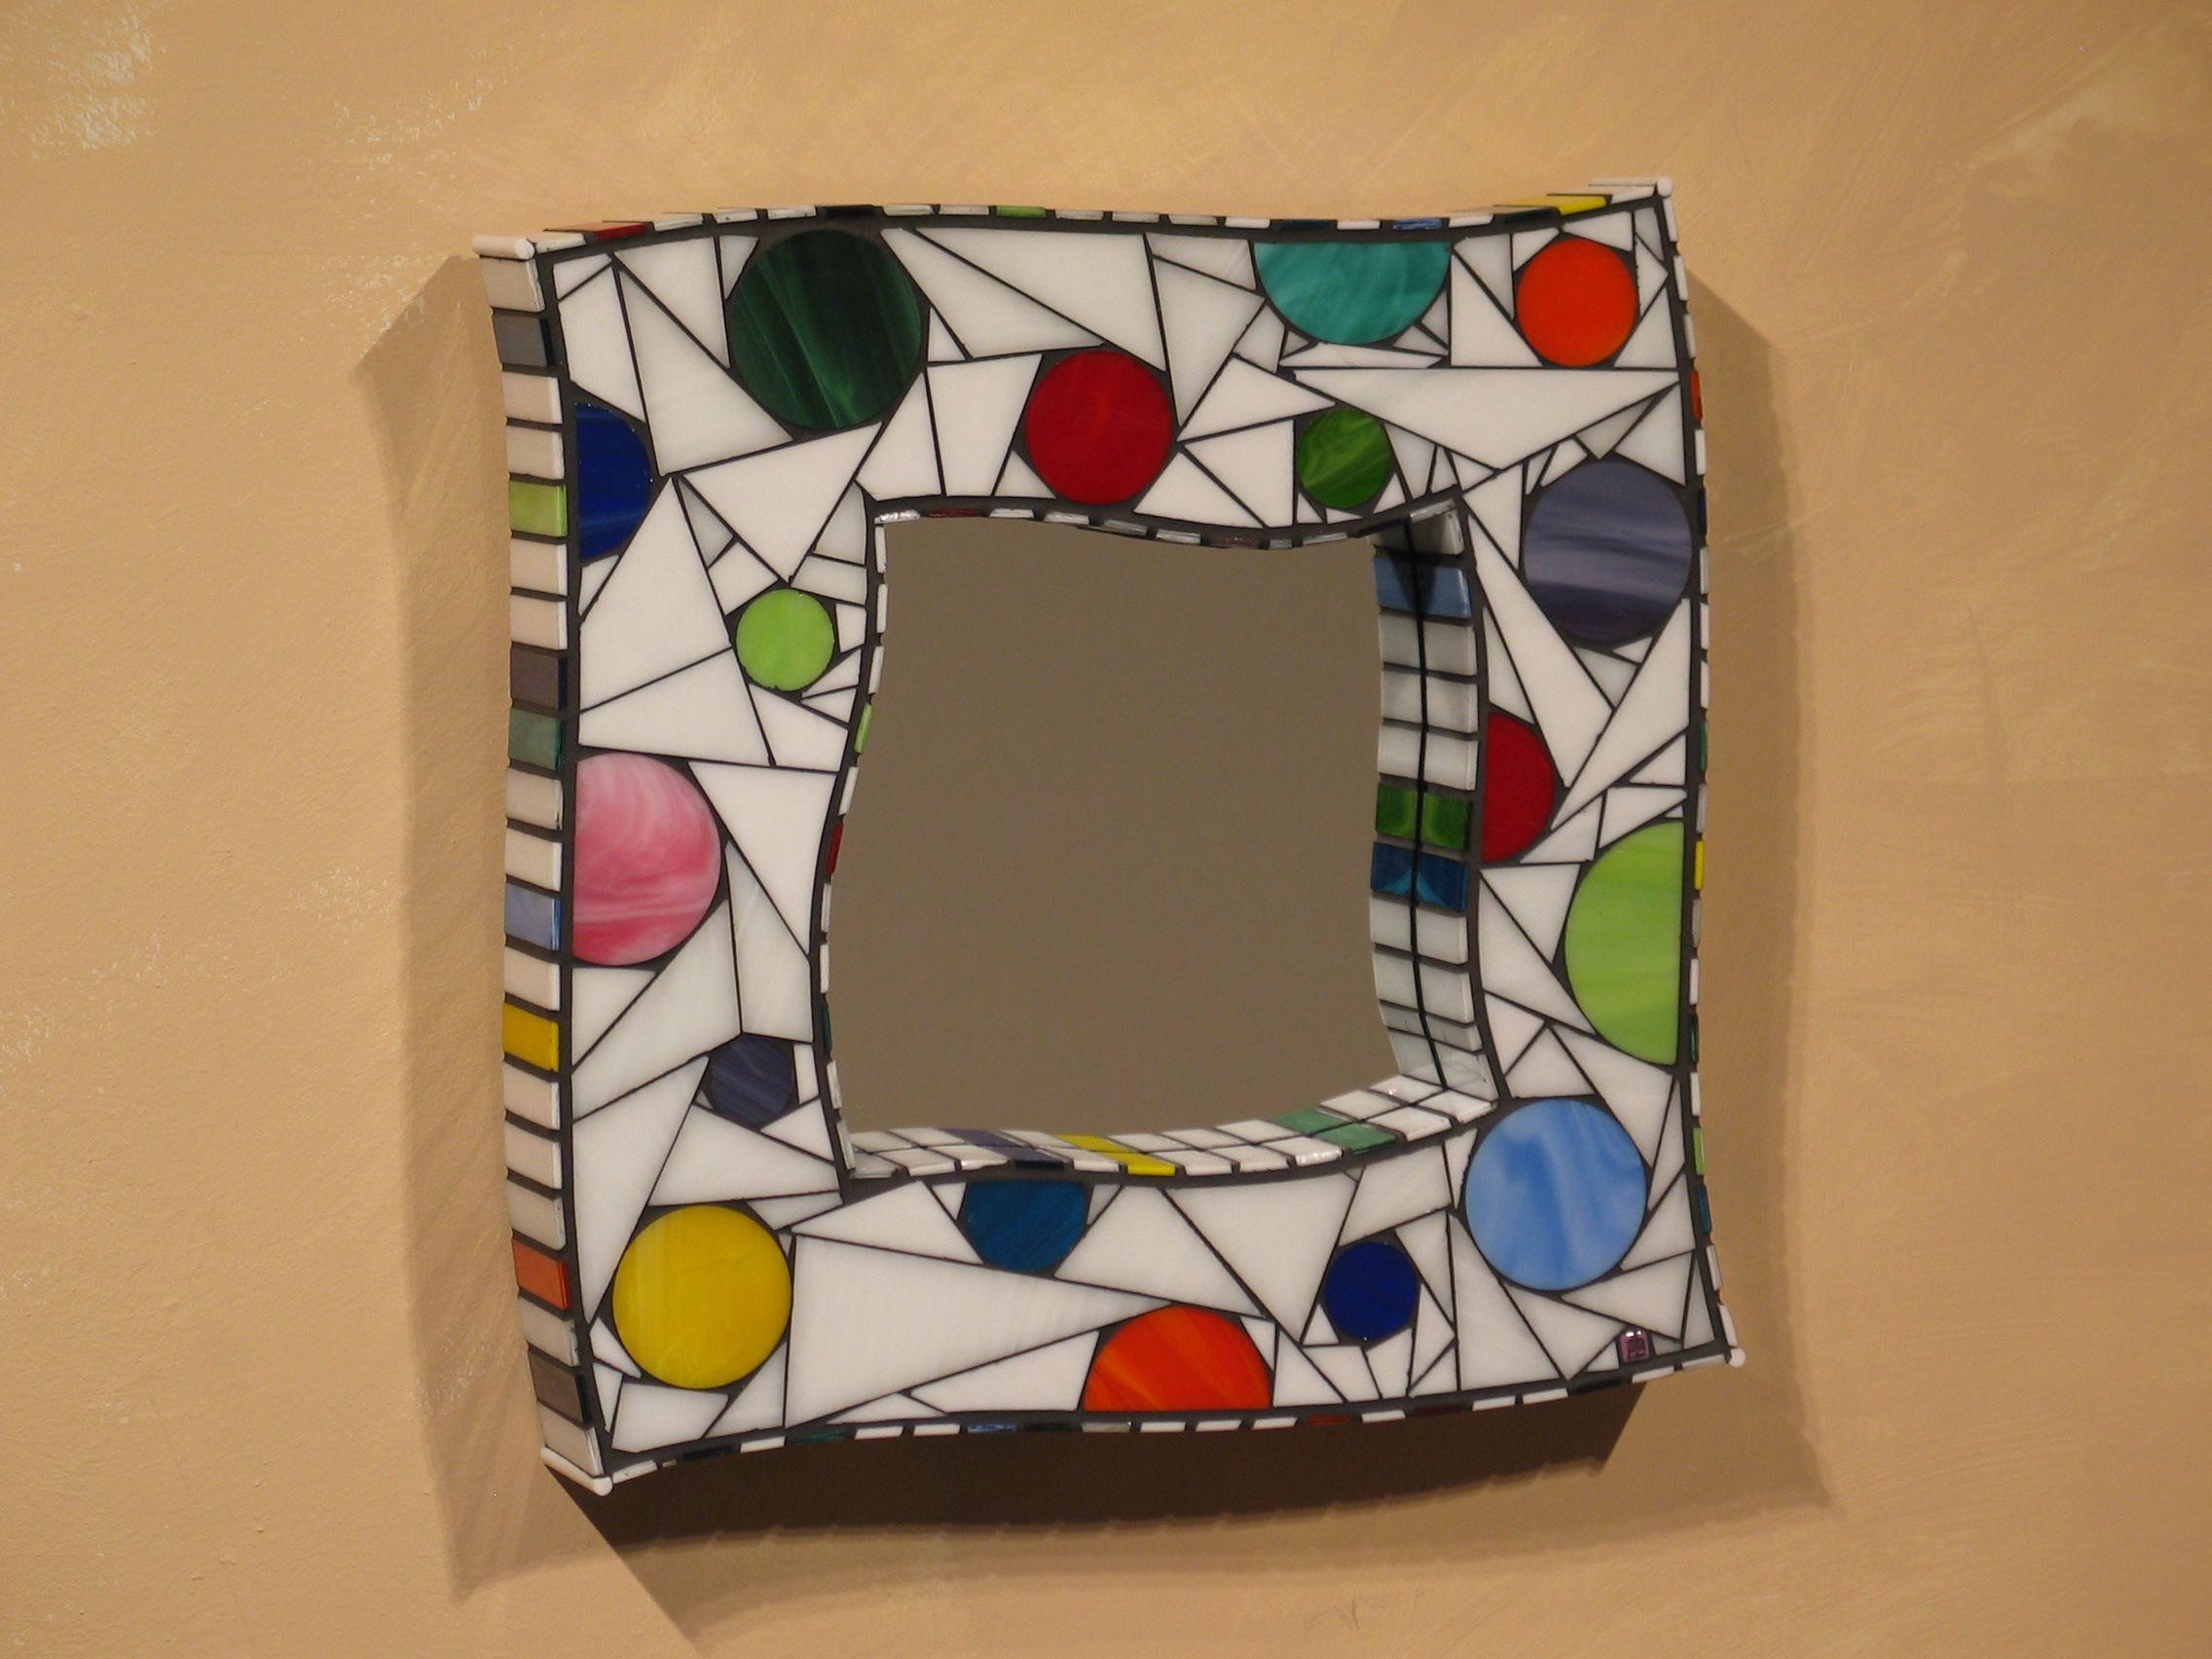 Mosaic mirror | mosaico | Pinterest | Mosaicos, Espejo y Vidrio